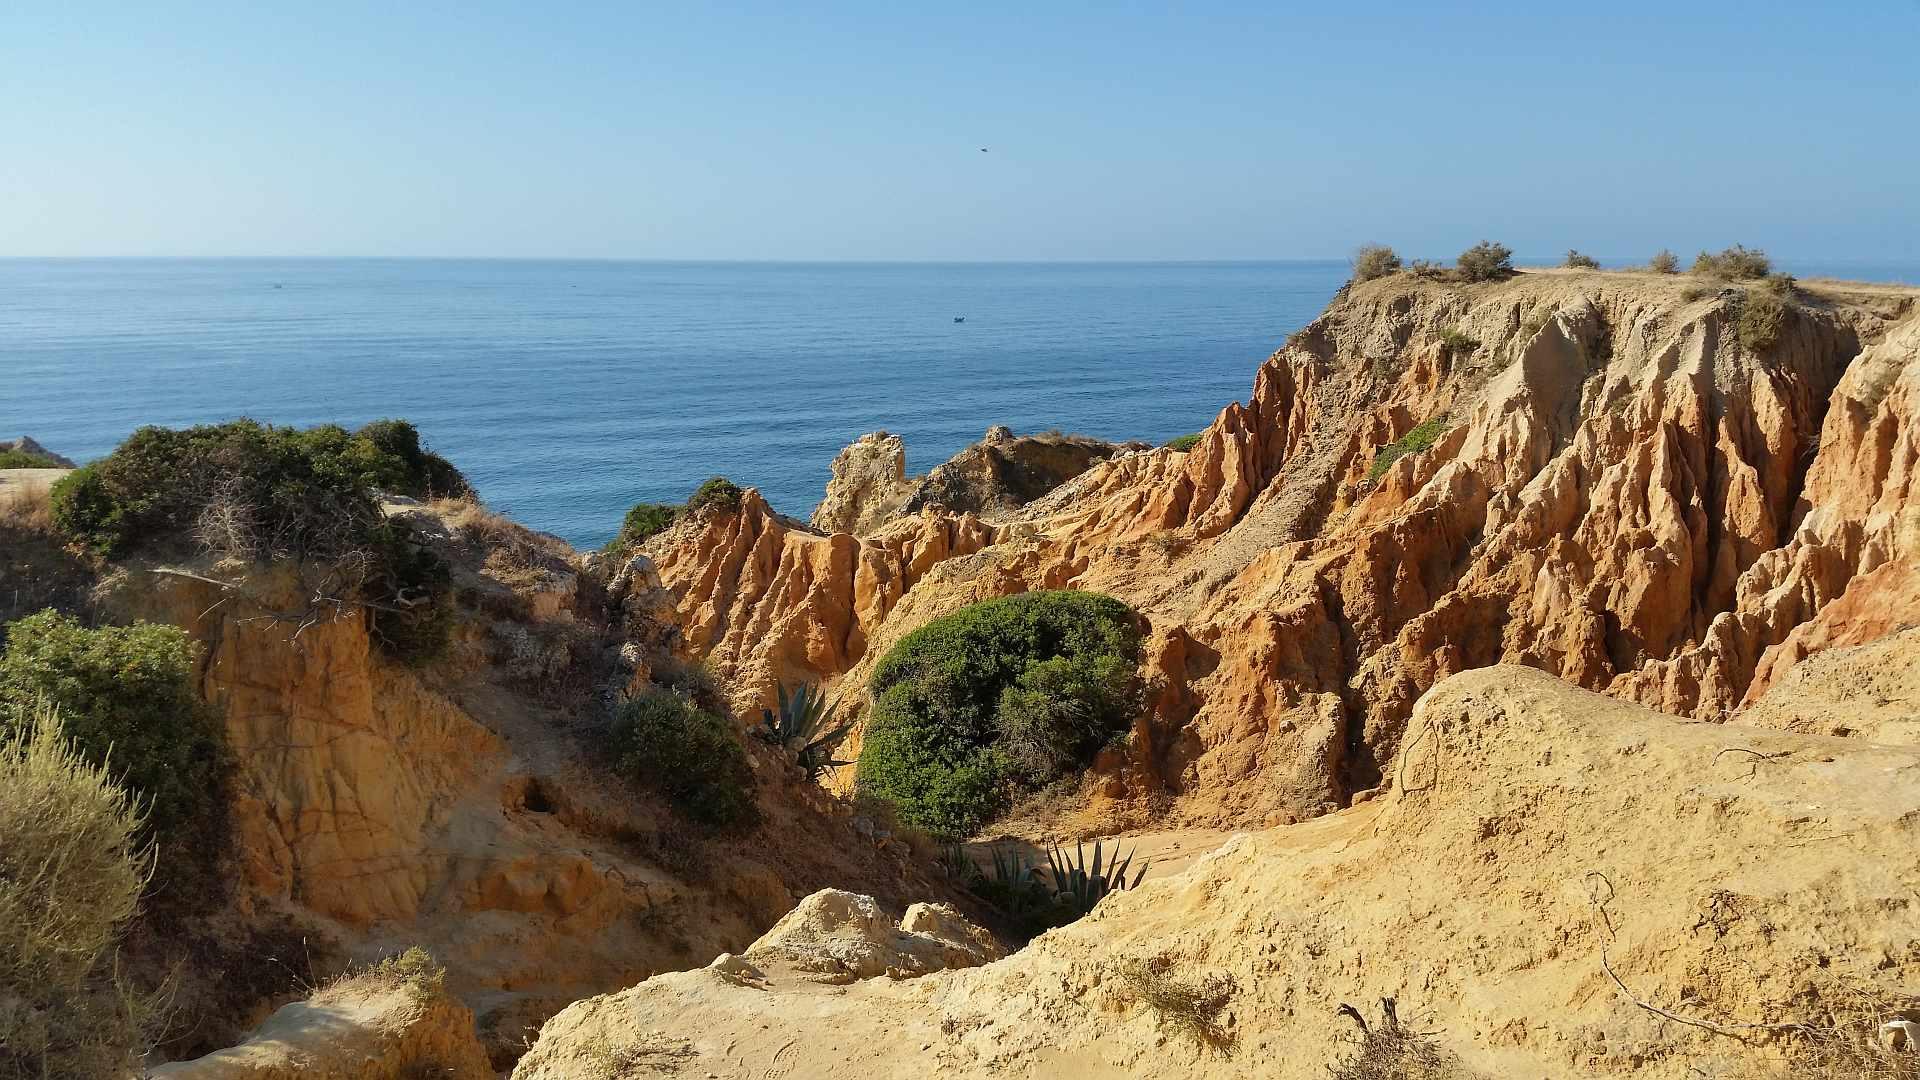 Praia de Marinha - Lagao - Algarve - Landscape over clifs